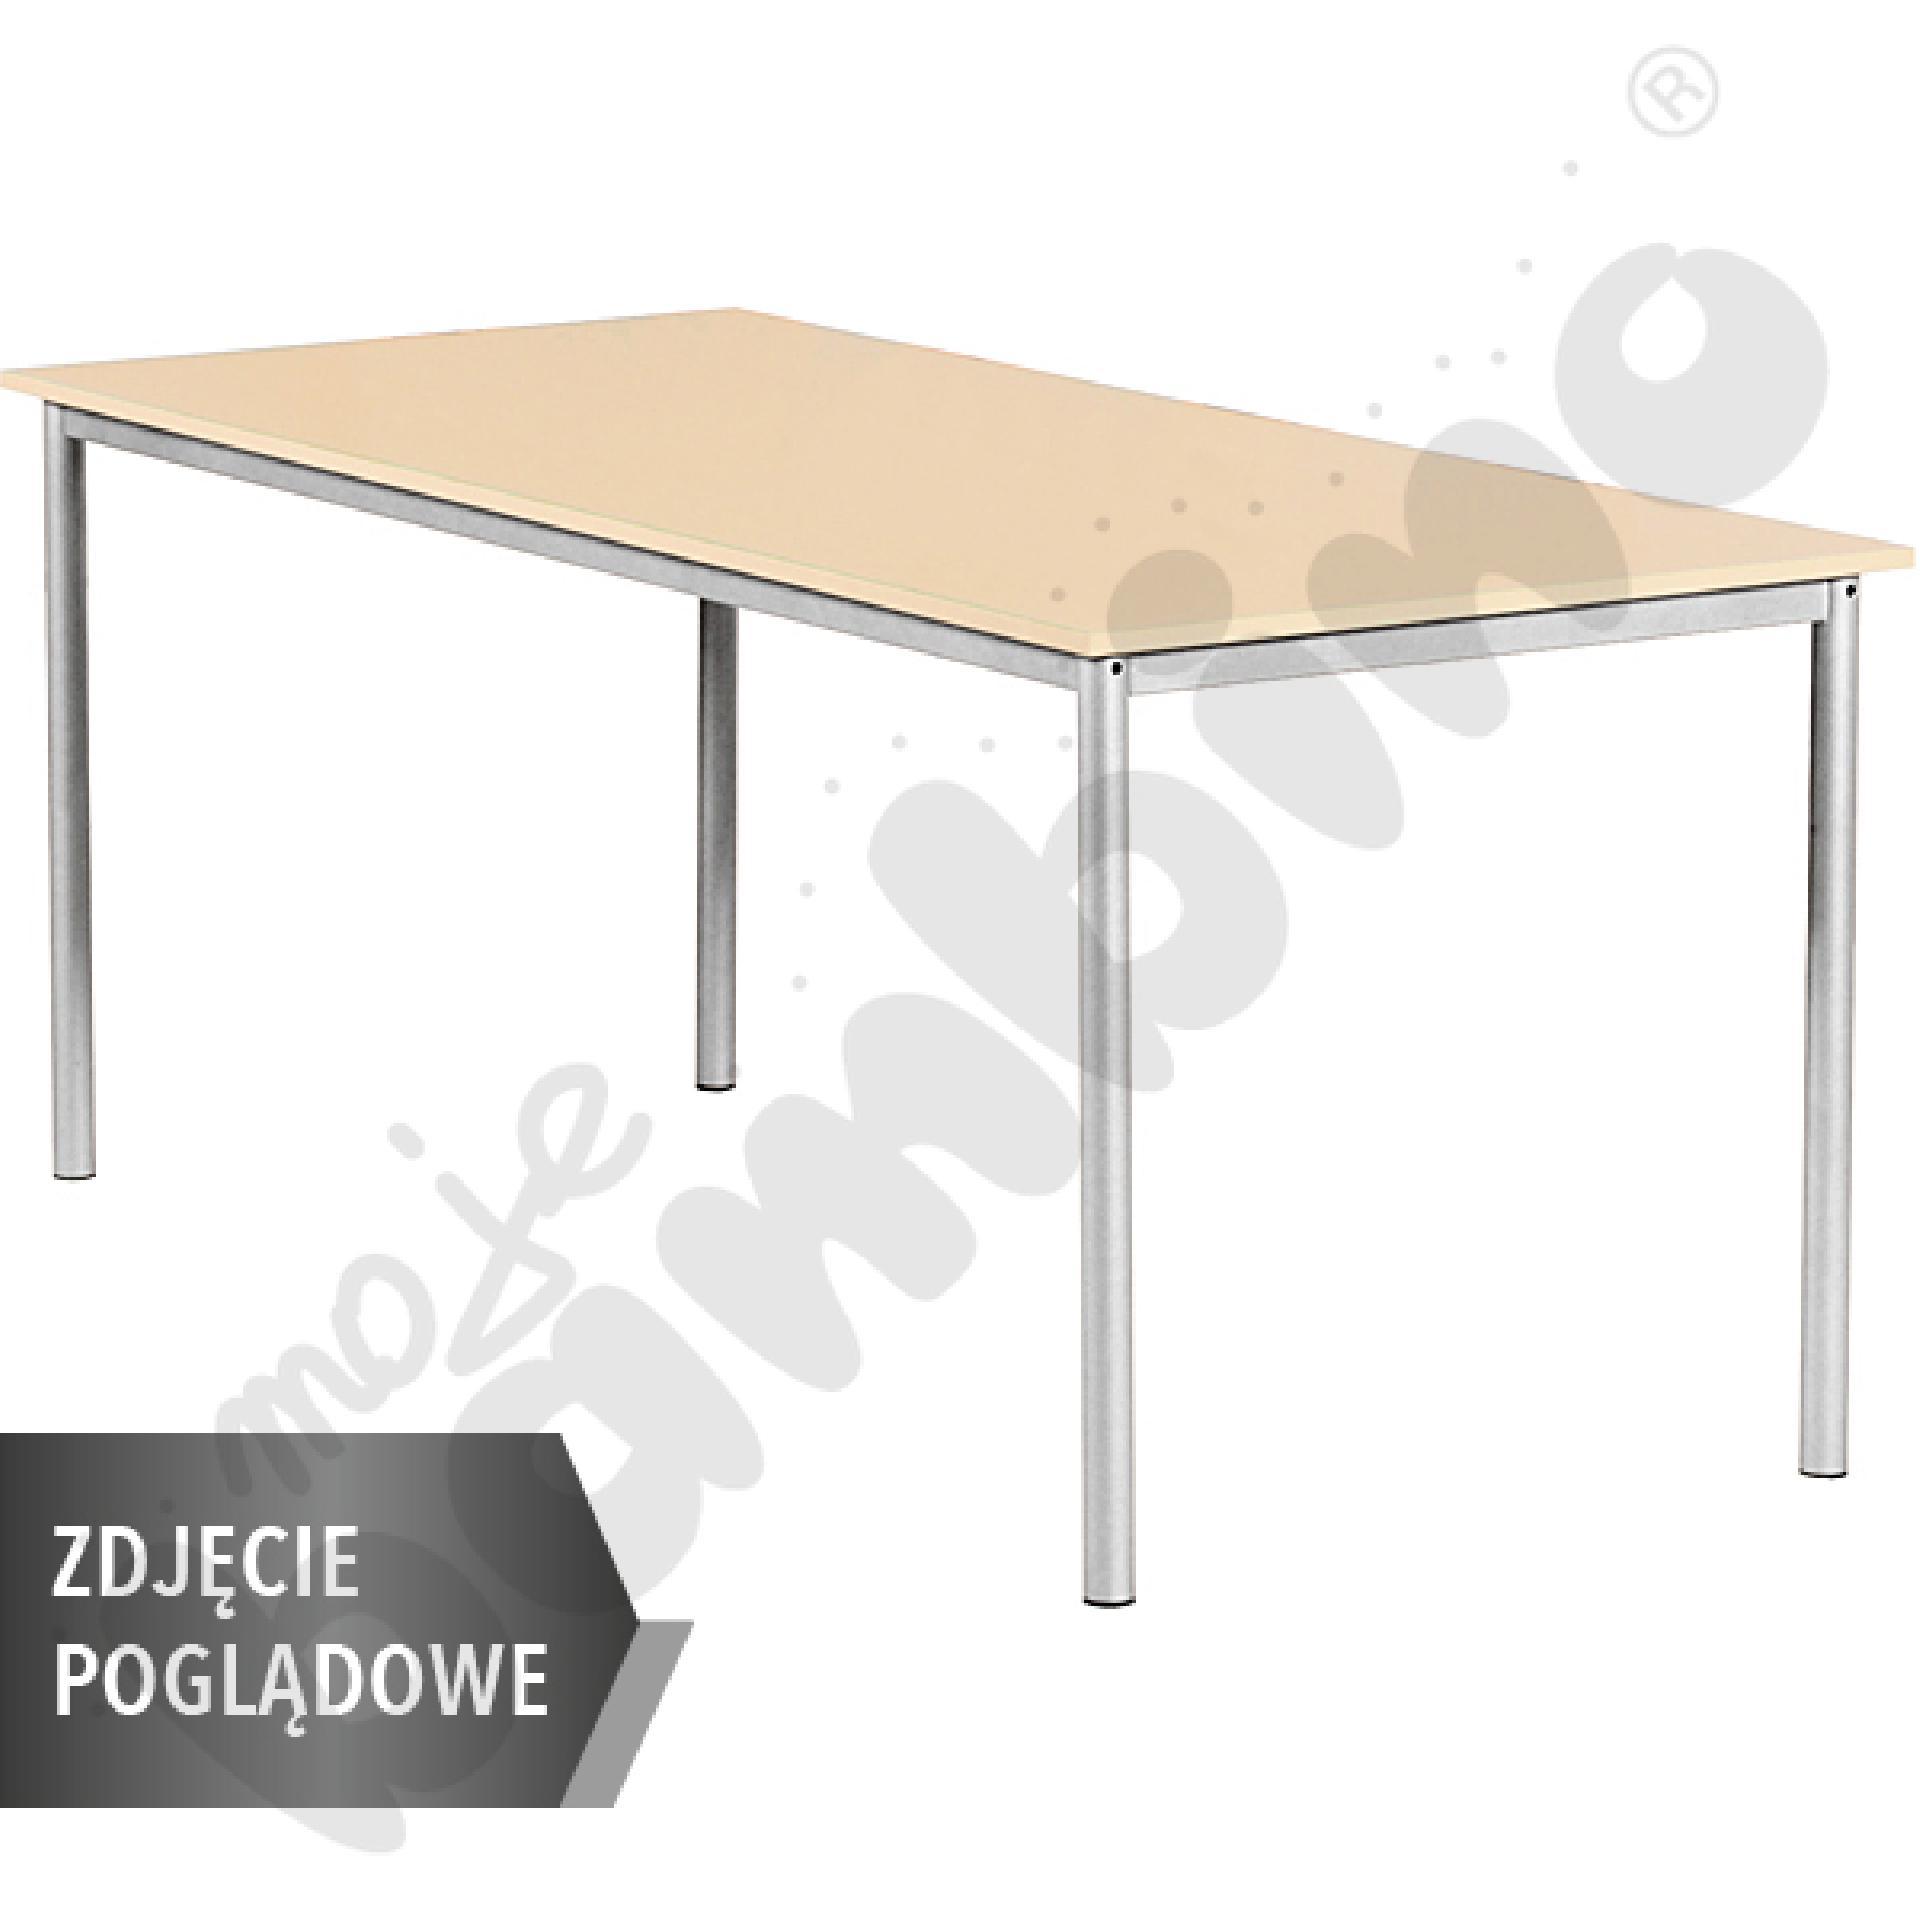 Stół Mila 160x80 rozm. 4, 8os., stelaż czarny, blat brzoza, obrzeże ABS, narożniki proste